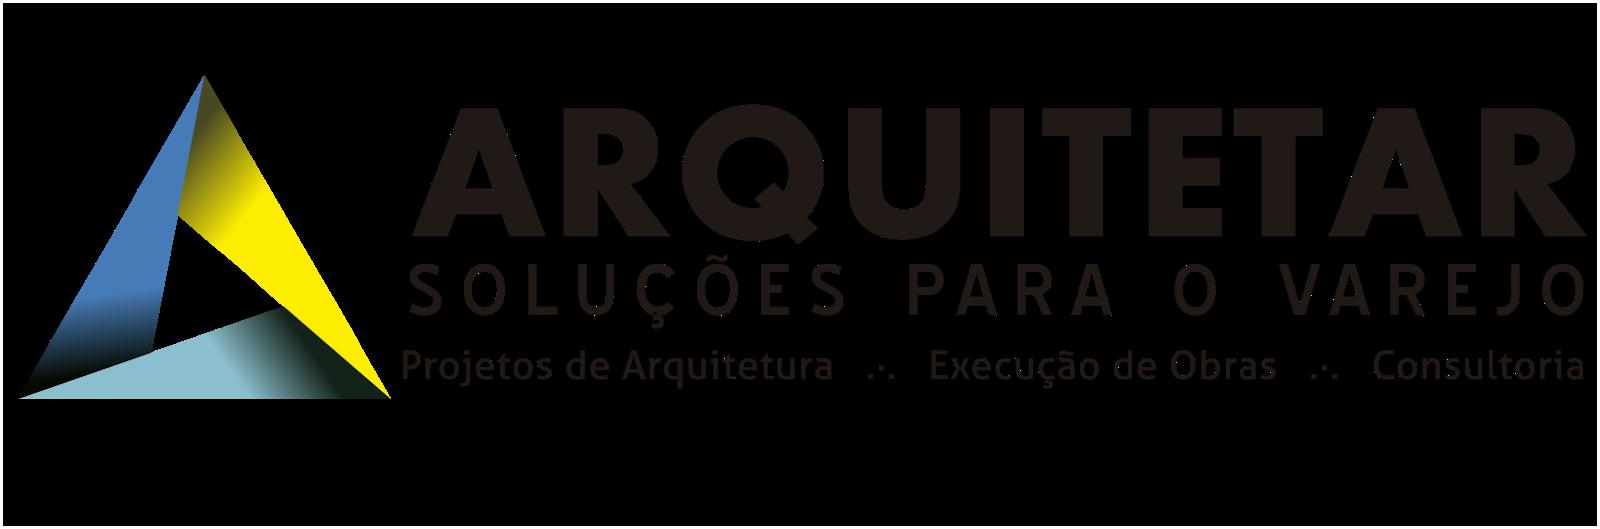 Arquitetar - Soluções para o Varejo | Projetos de arquitetura de varejo e corporativos